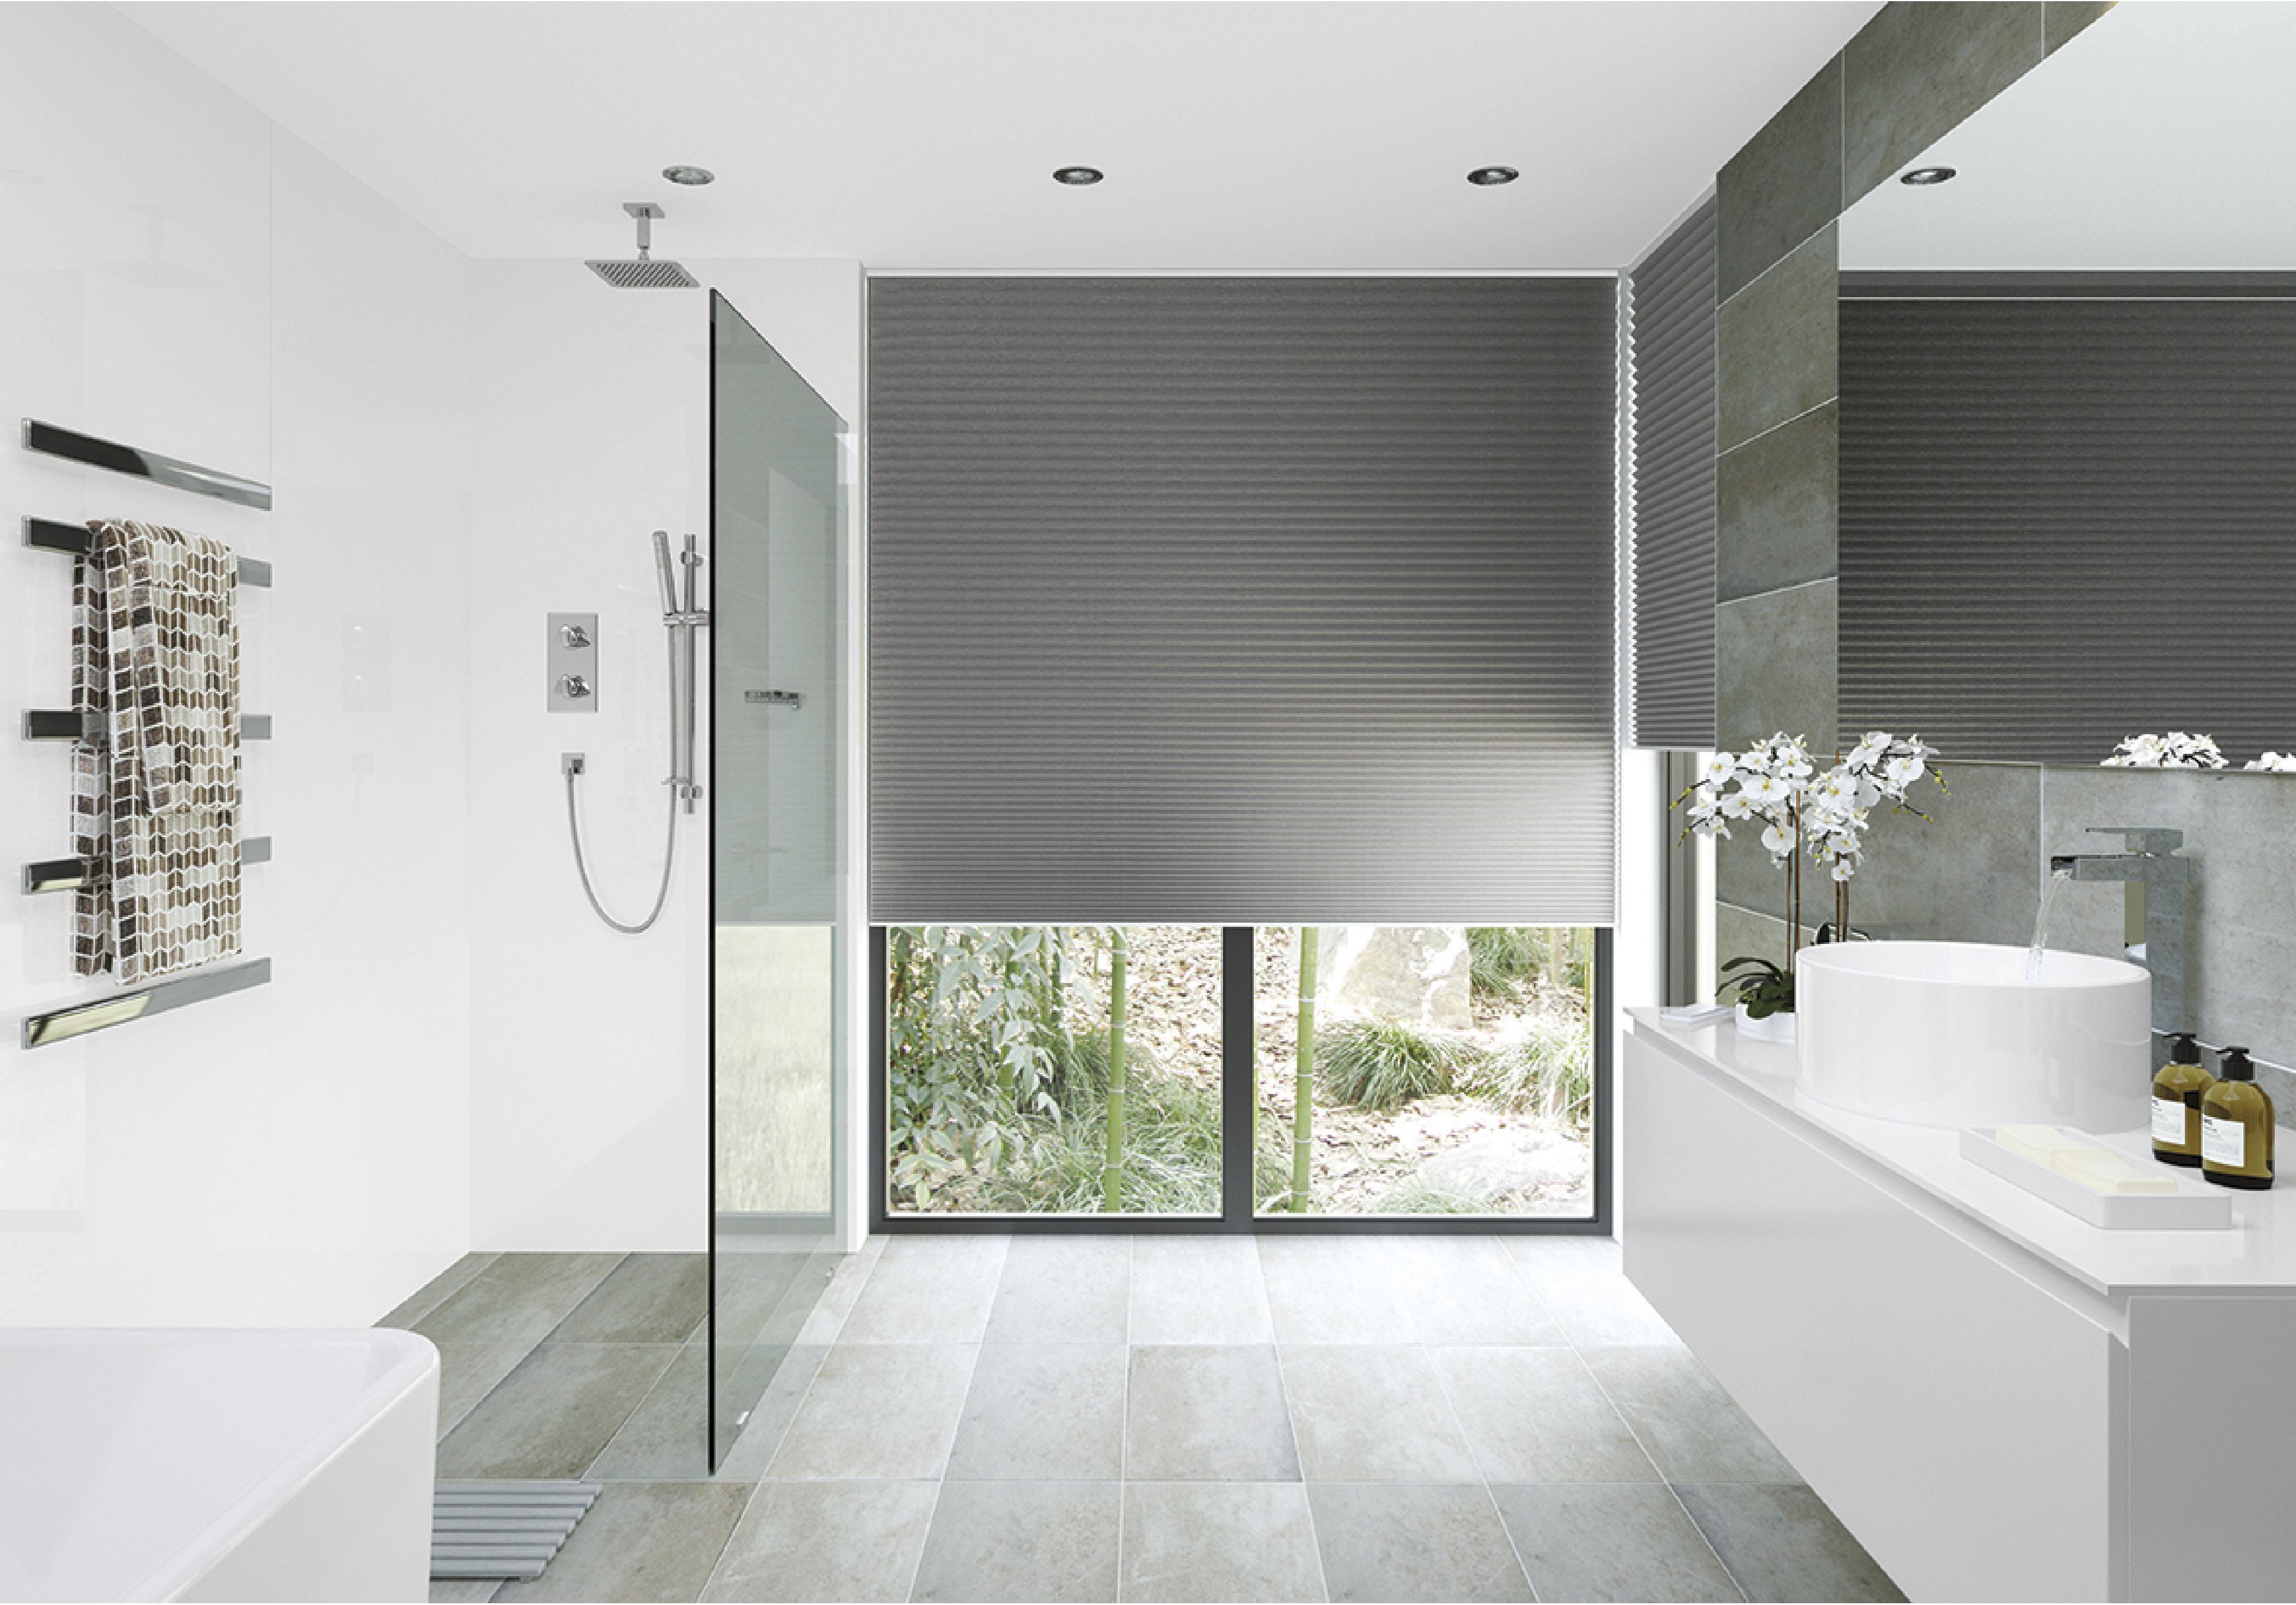 Plisy Aranzacje łazienka Vertex Sa